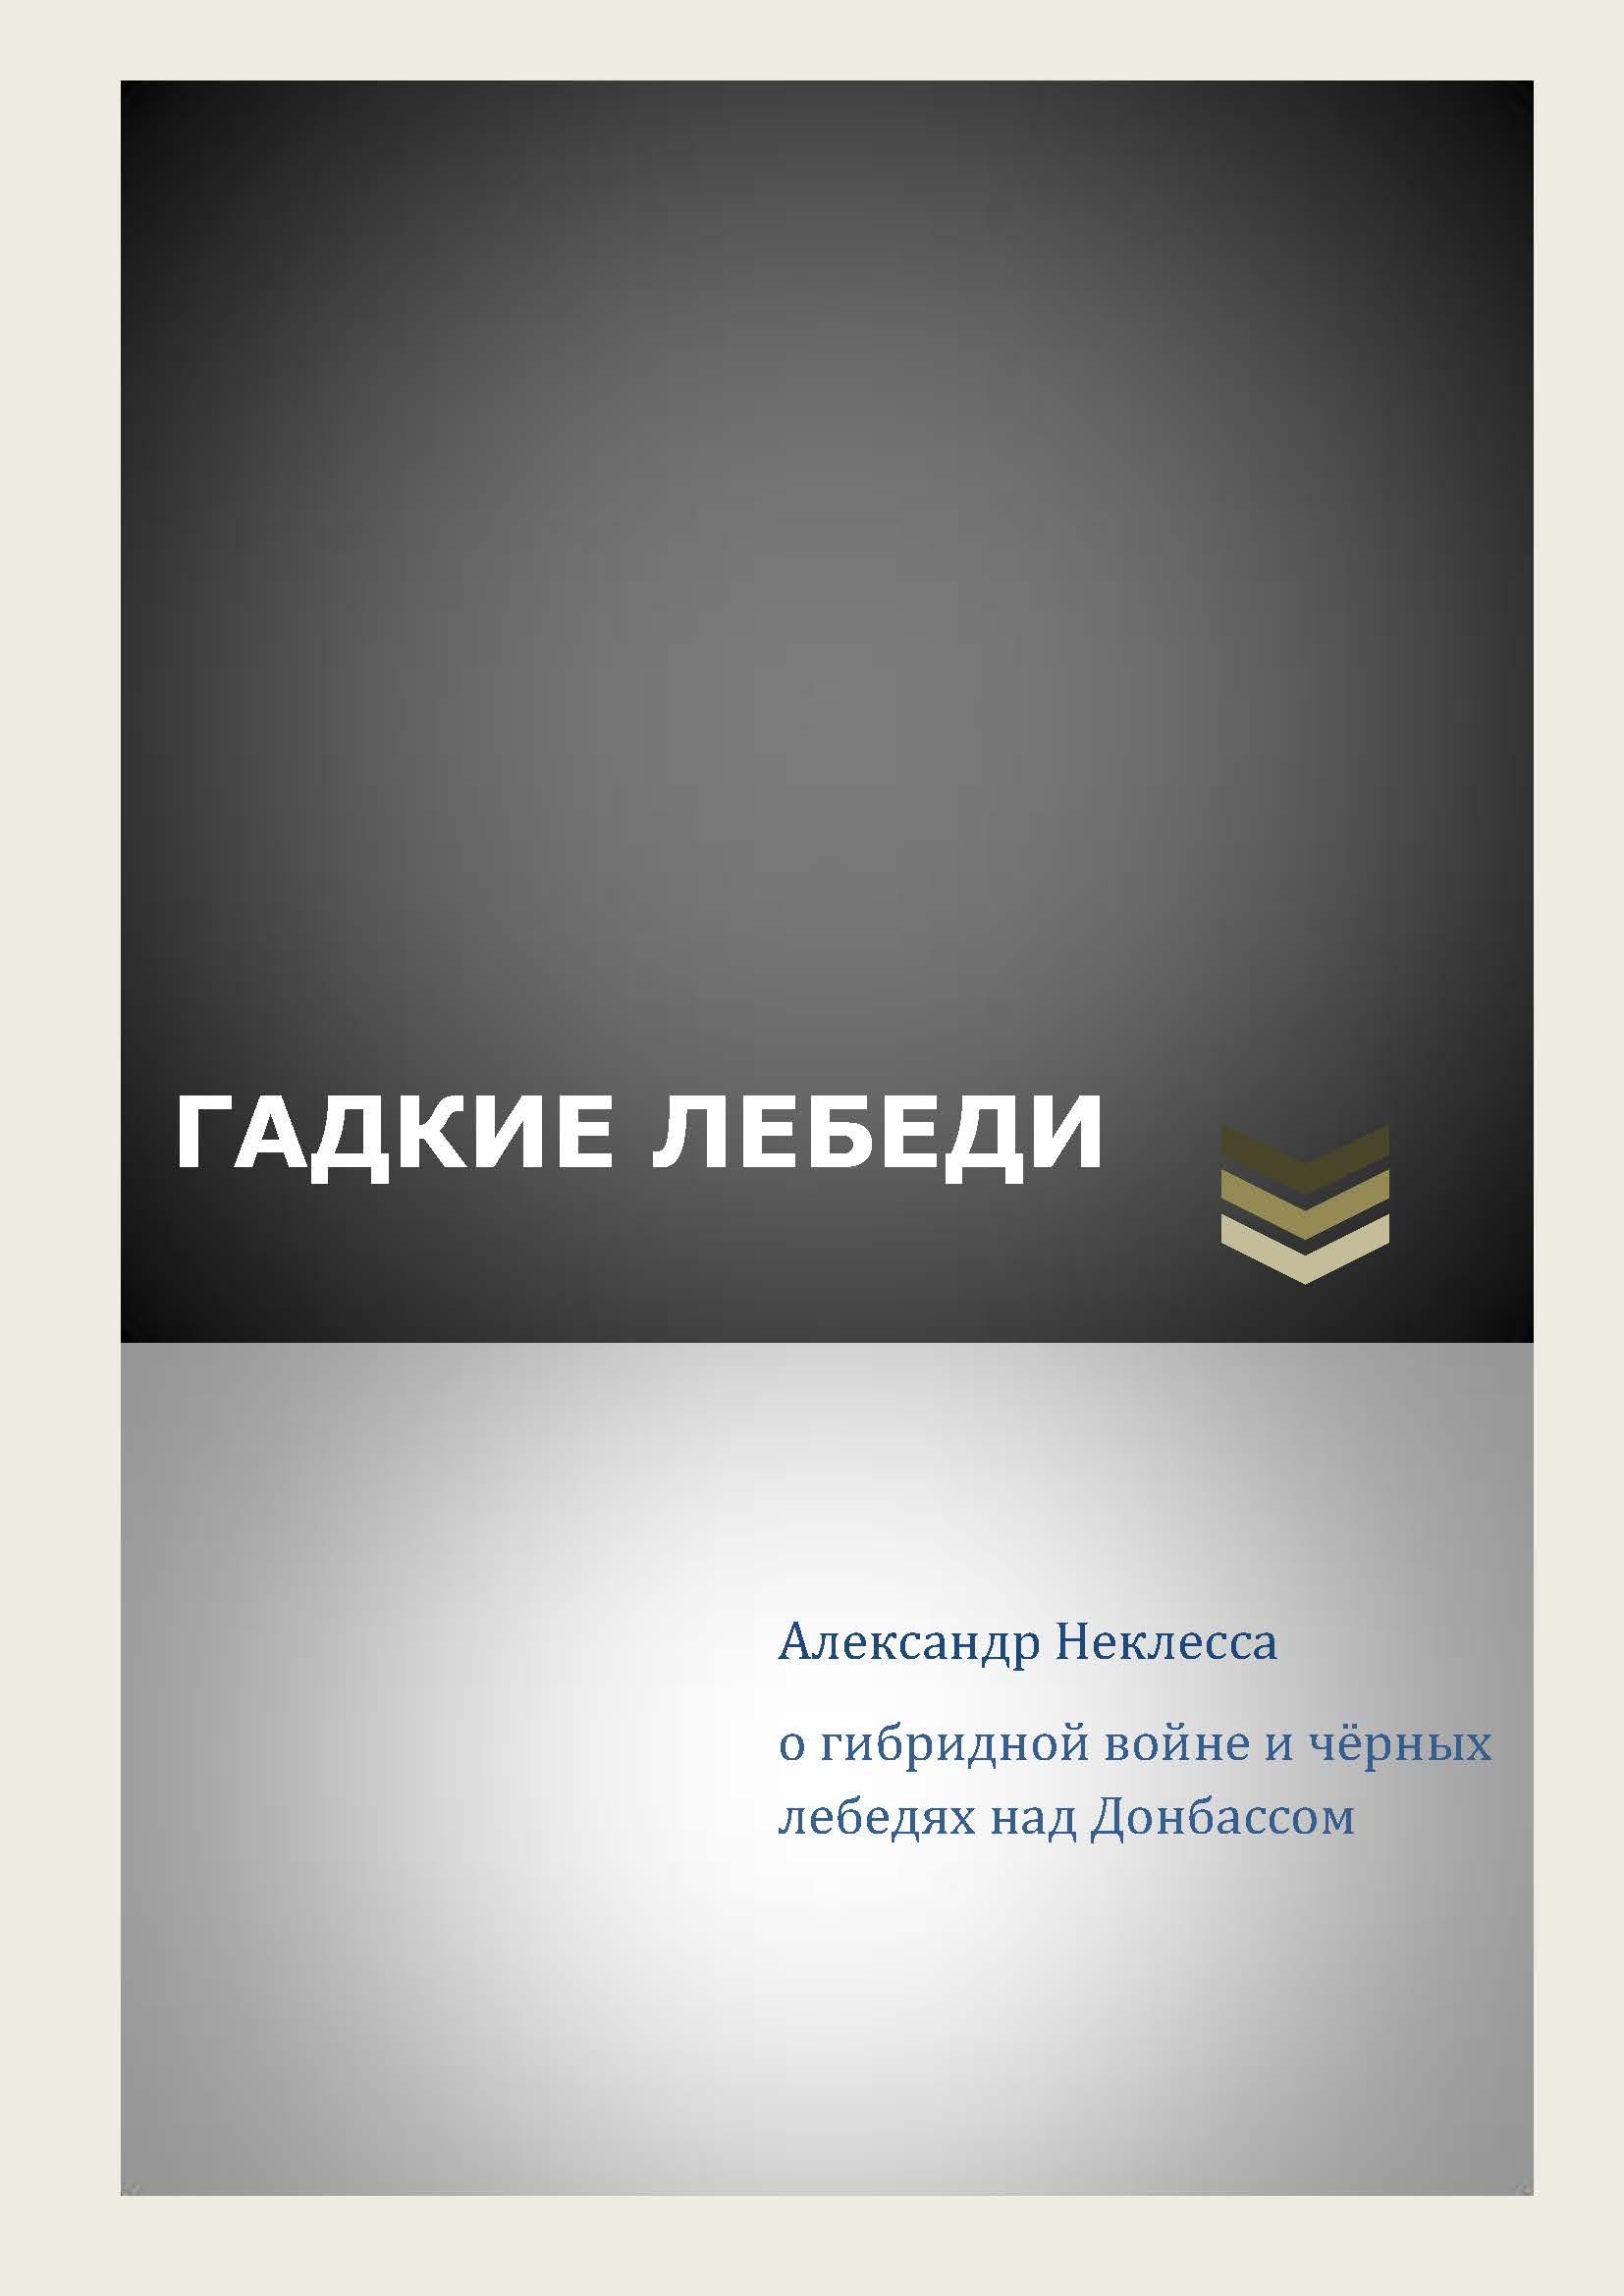 Чёрные лебеди над Донбассом –  Александр Неклесса о гибридной войне